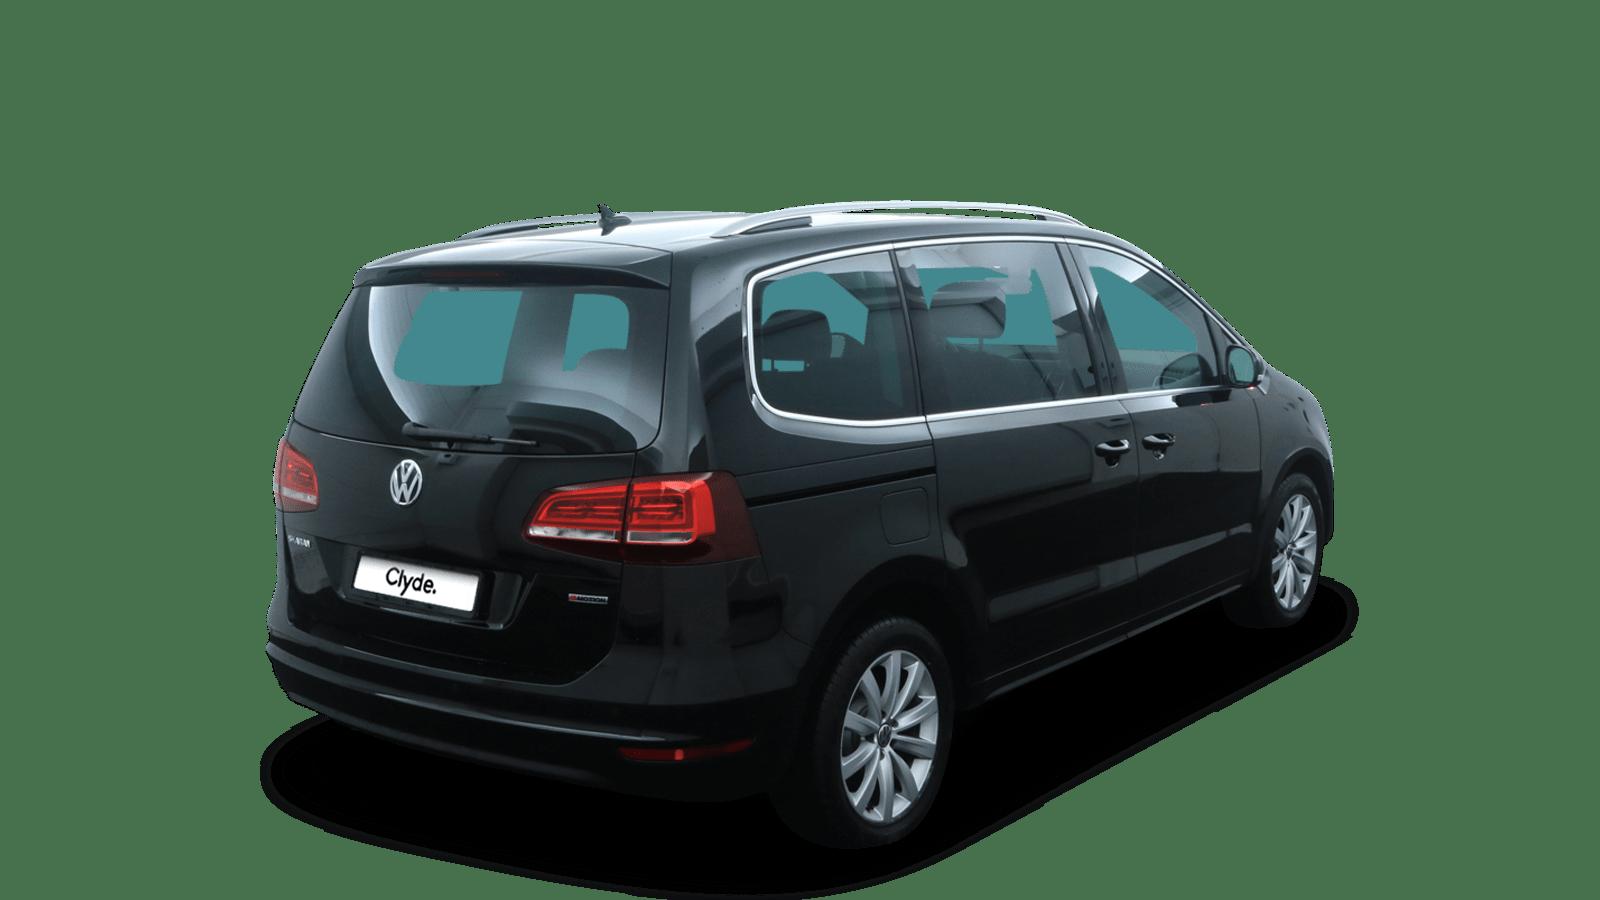 VW Sharan Schwarz rückansicht - Clyde Auto-Abo